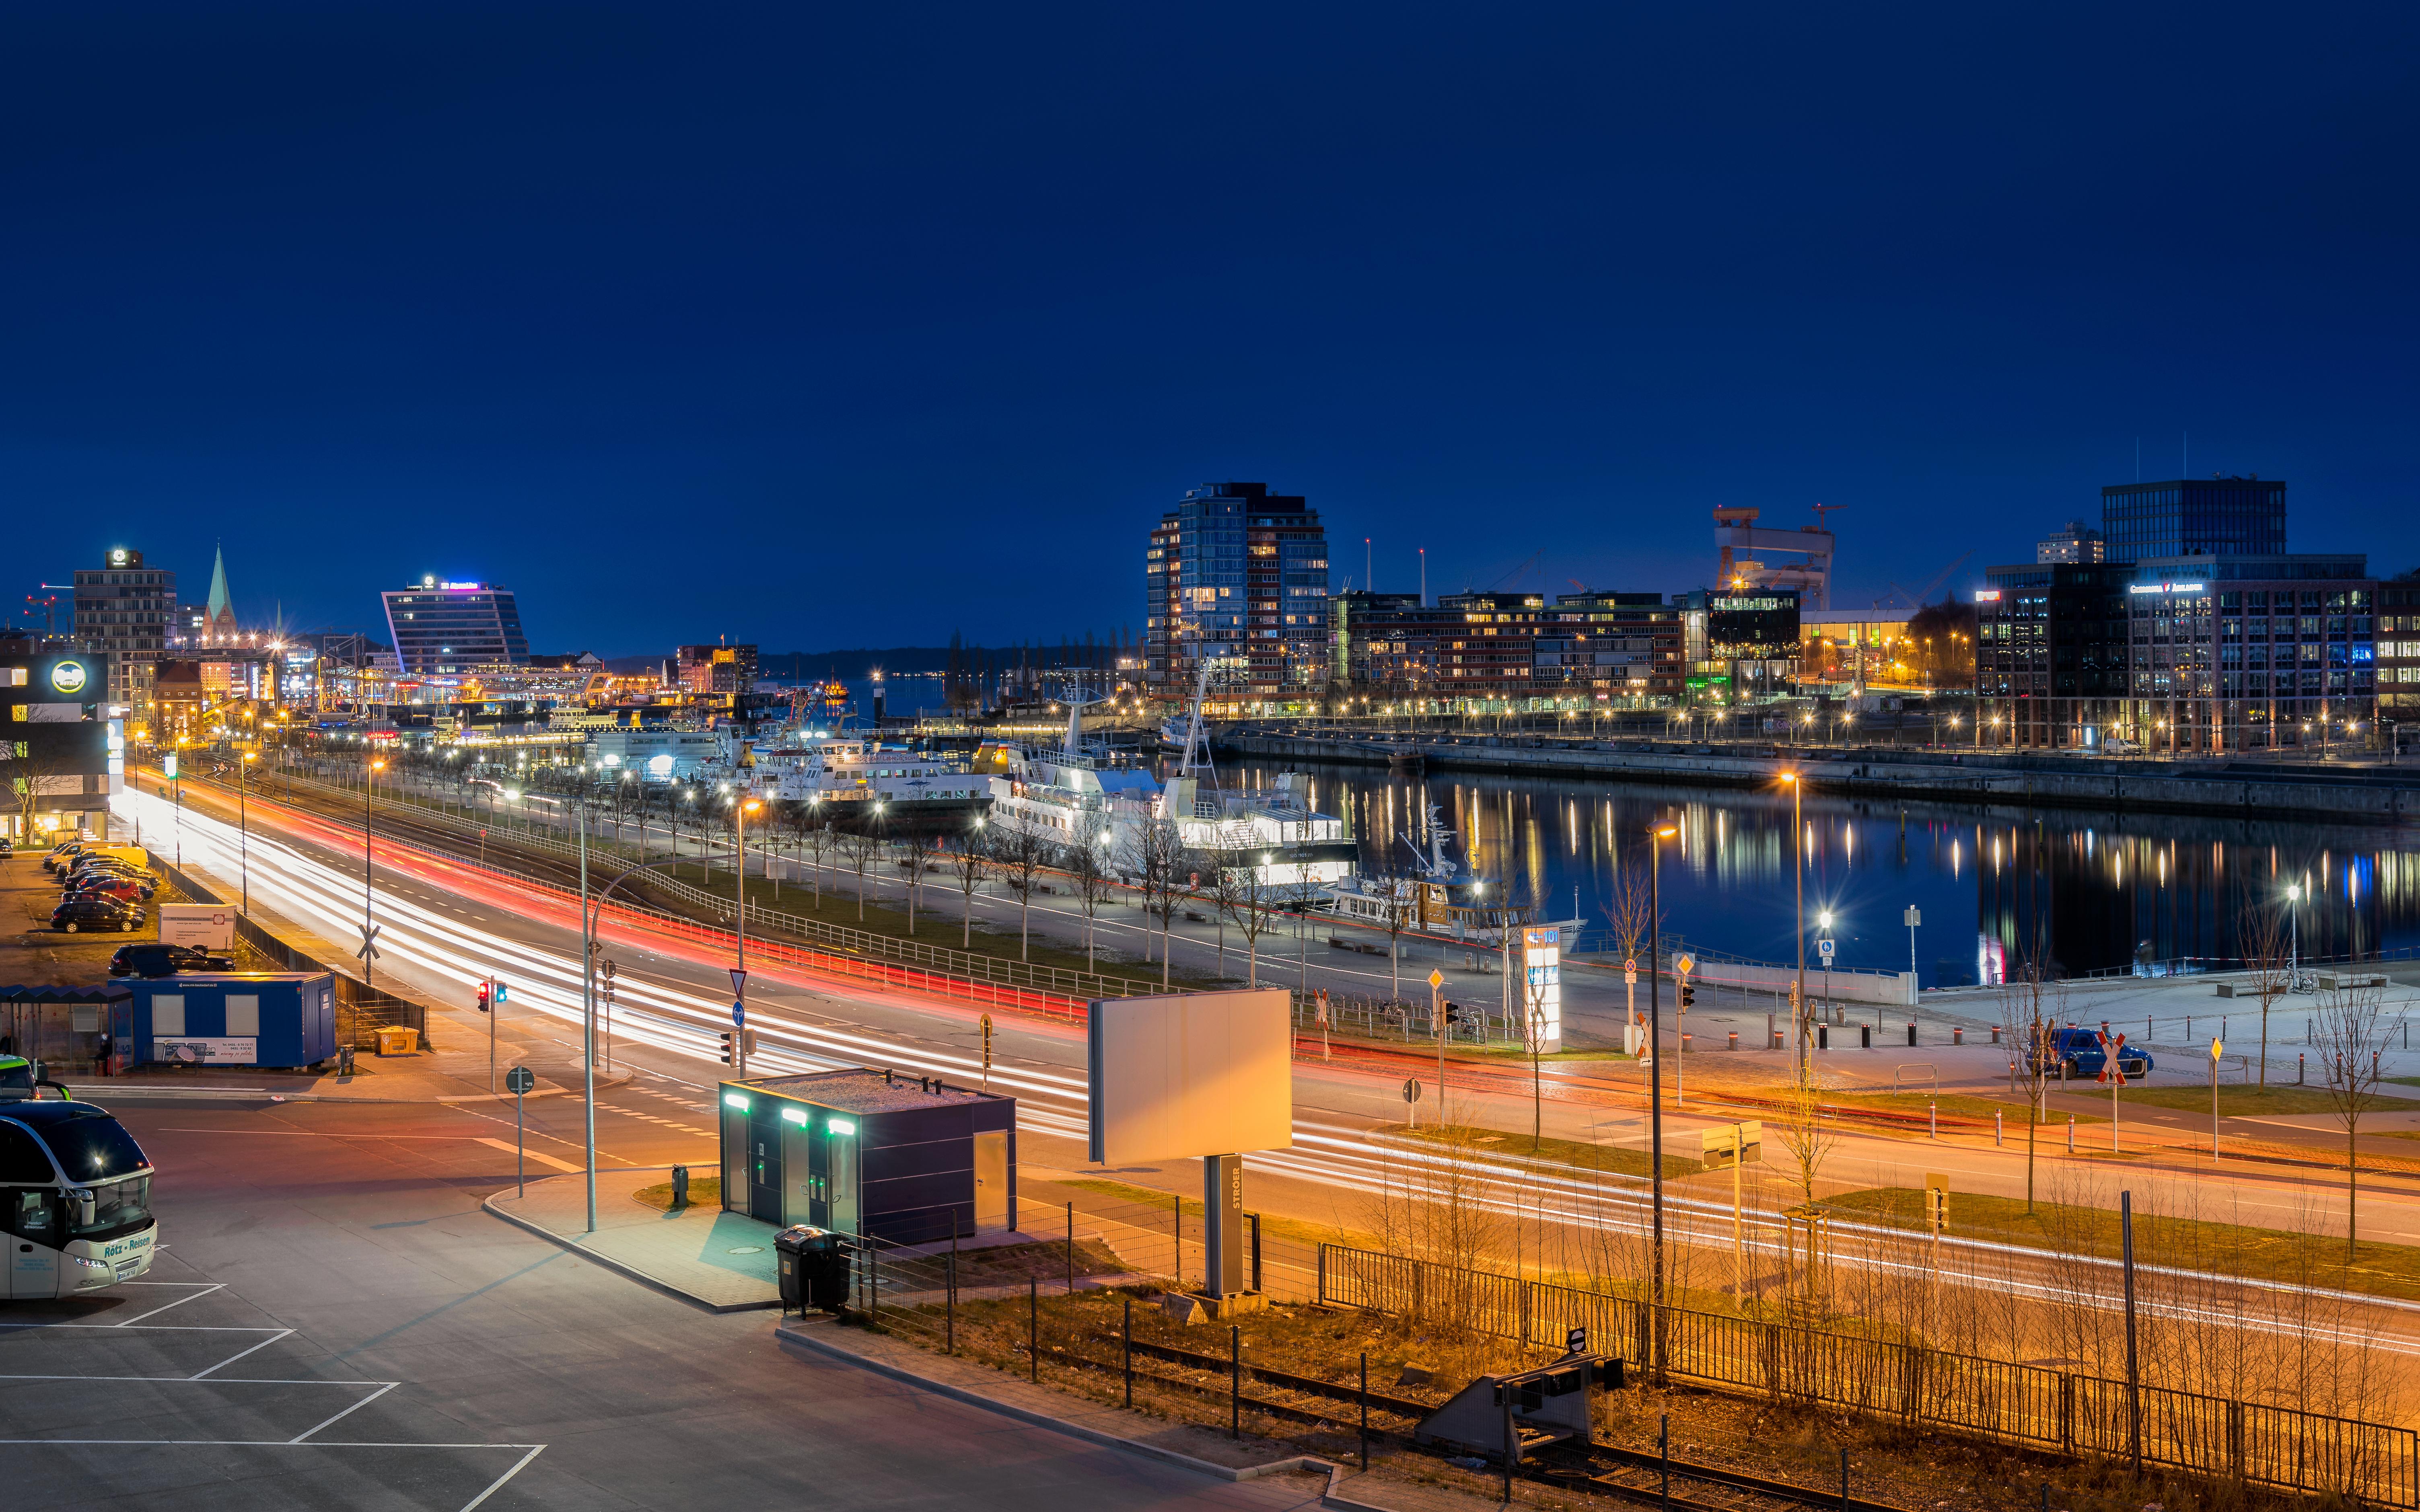 Kiel Architektur hintergrundbilder licht wasser die architektur nacht